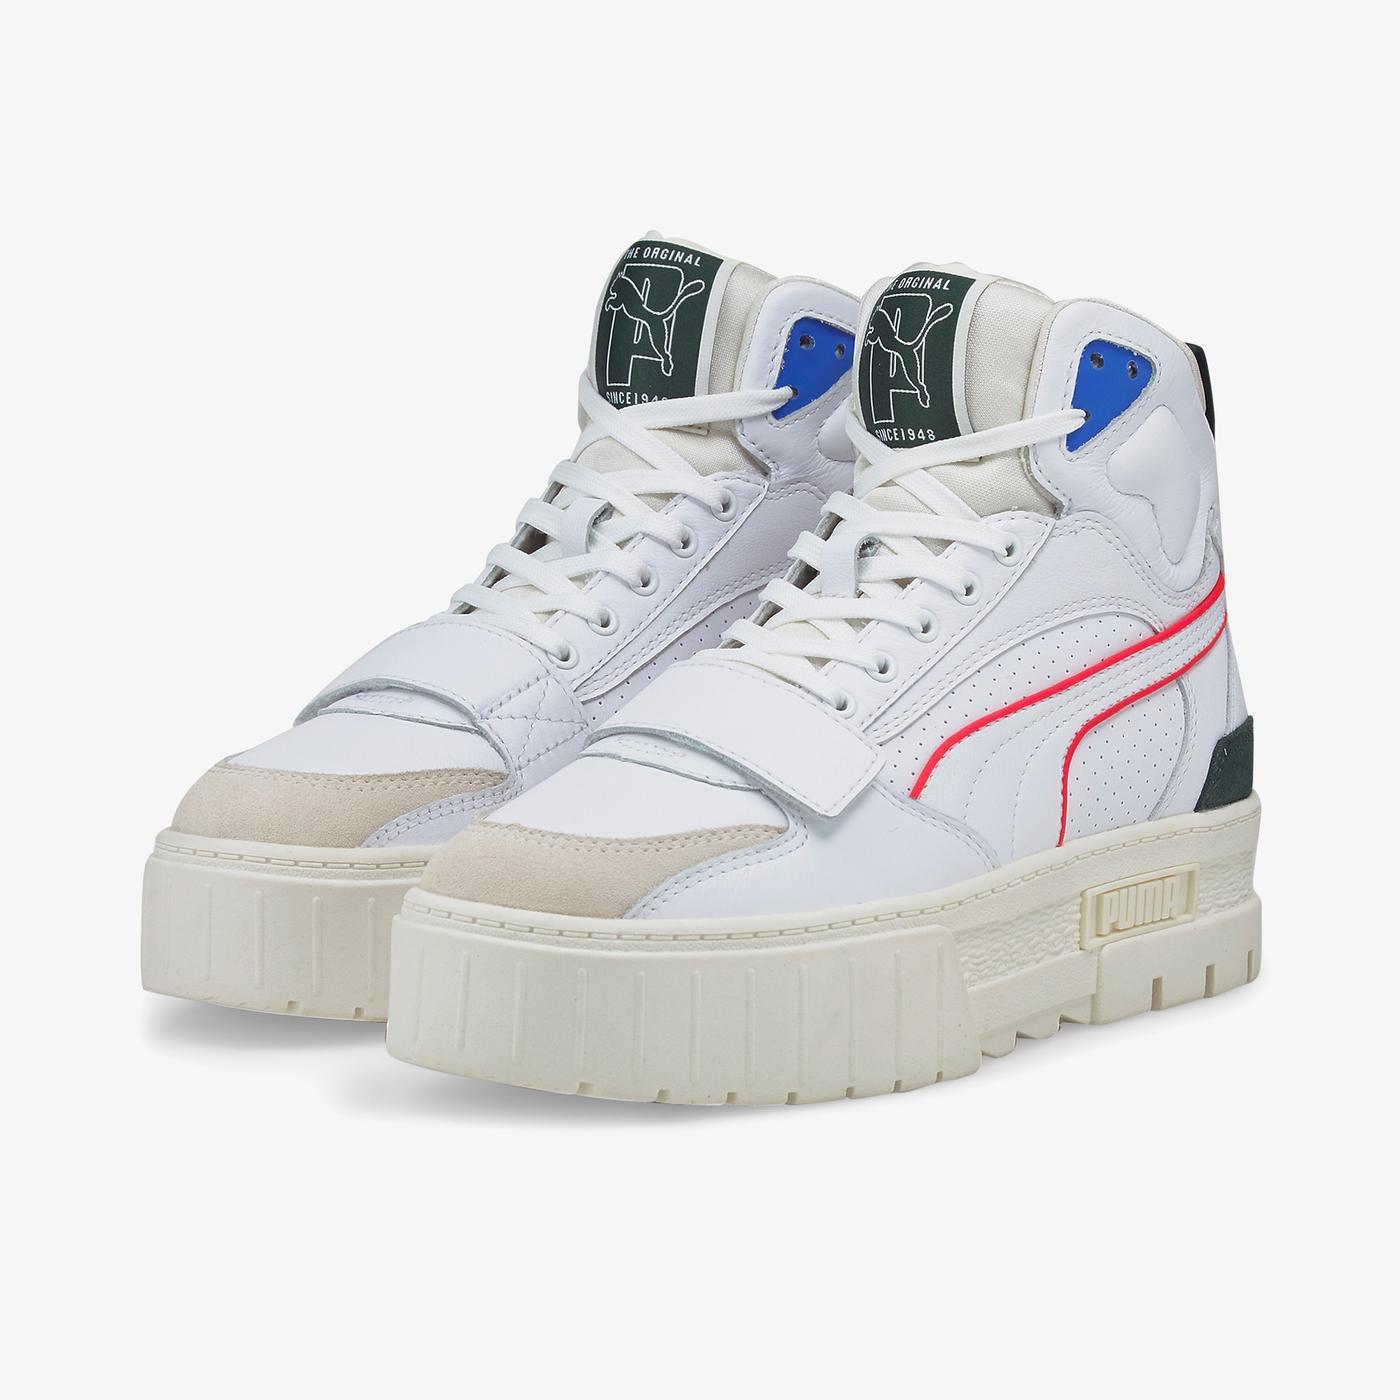 Puma Mayze Mid PxP Kadın Beyaz Spor Ayakkabı